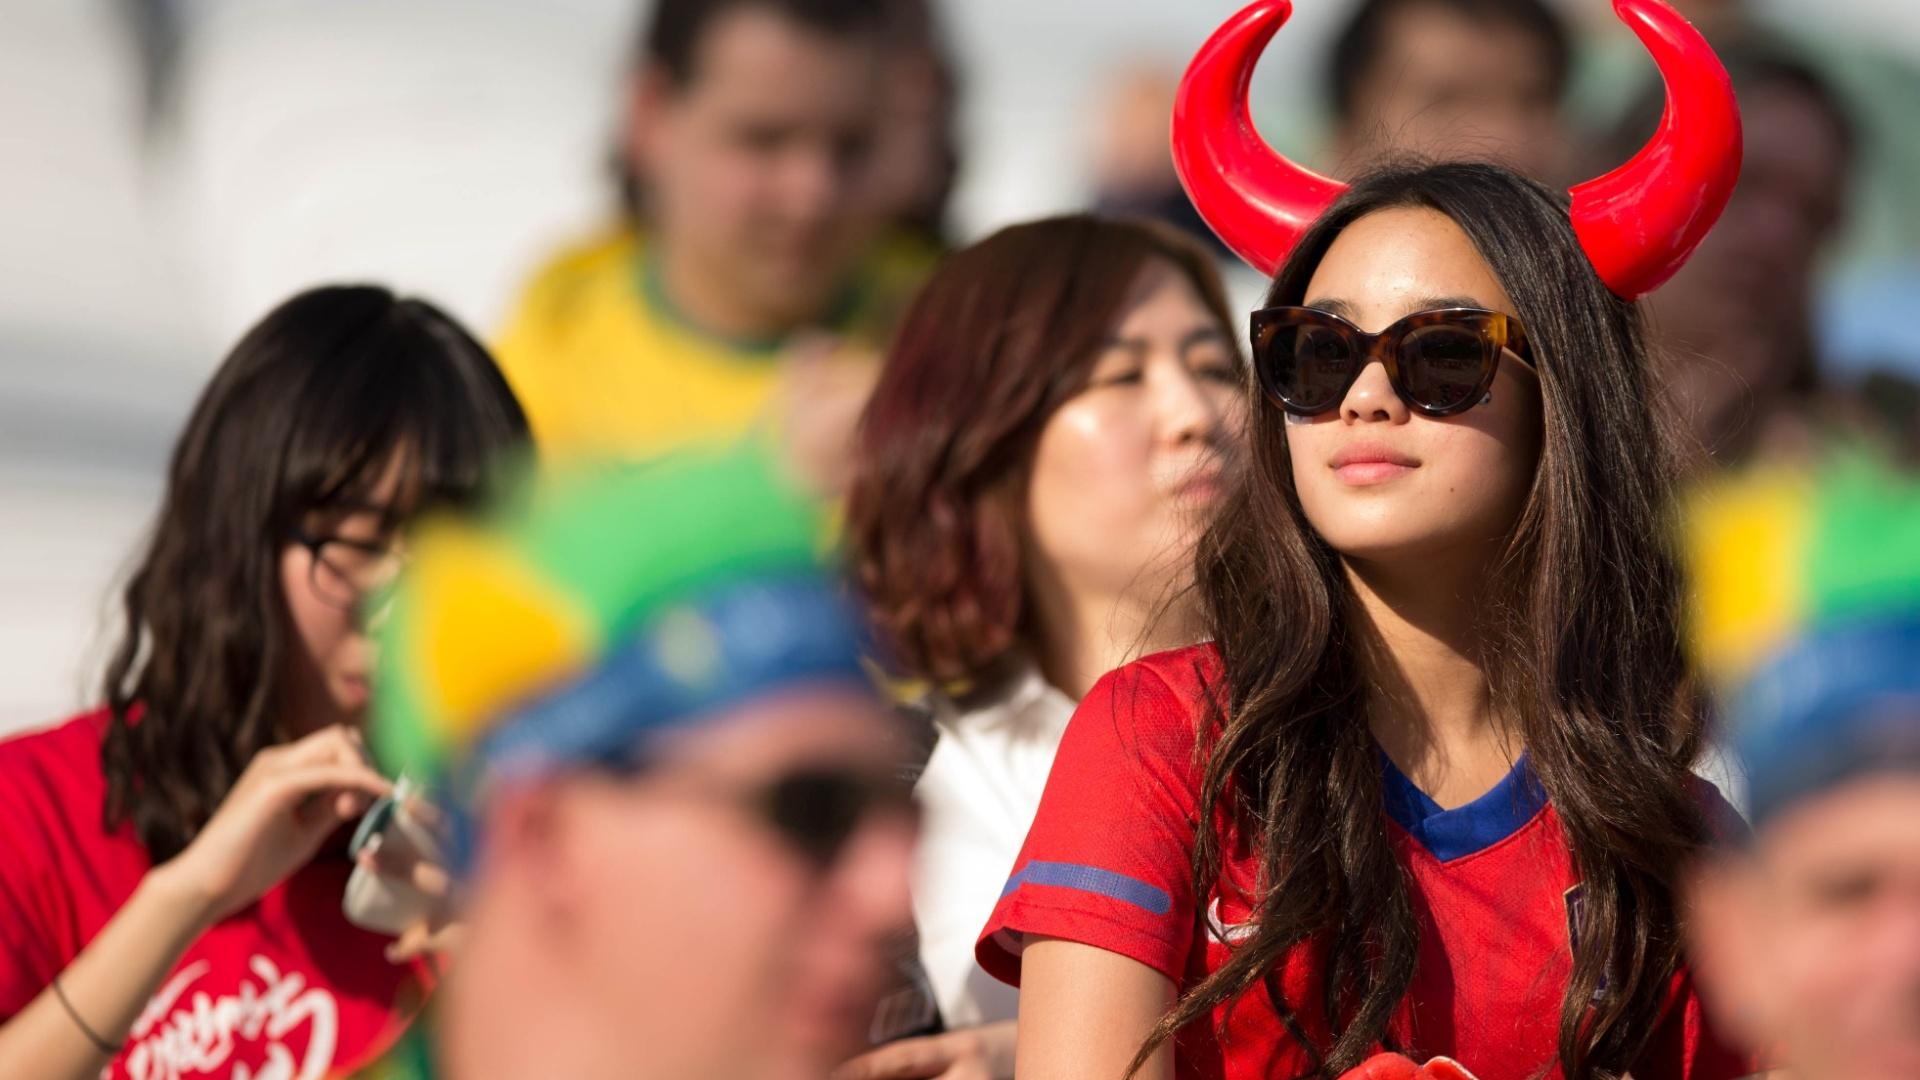 Torcedora da Coreia do Sul usa tiara estilizada para o jogo contra a Bélgica no Itaquerão